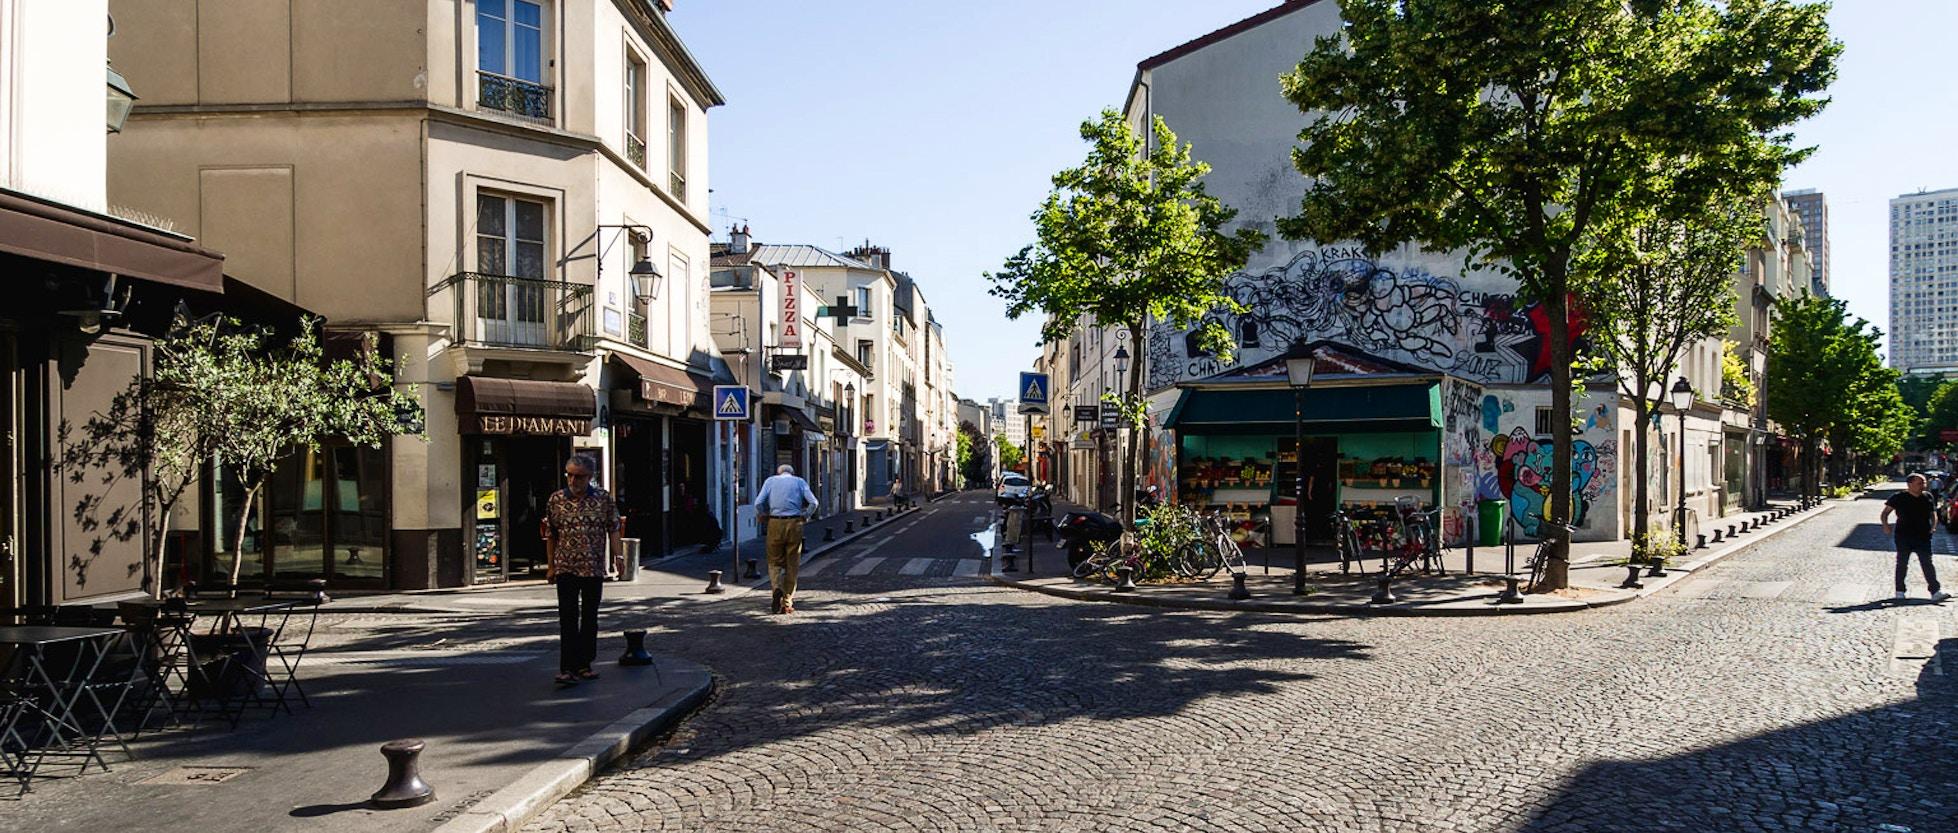 Butte aux cailles il quartiere segreto di parigi vivi - Restaurant butte aux cailles ...